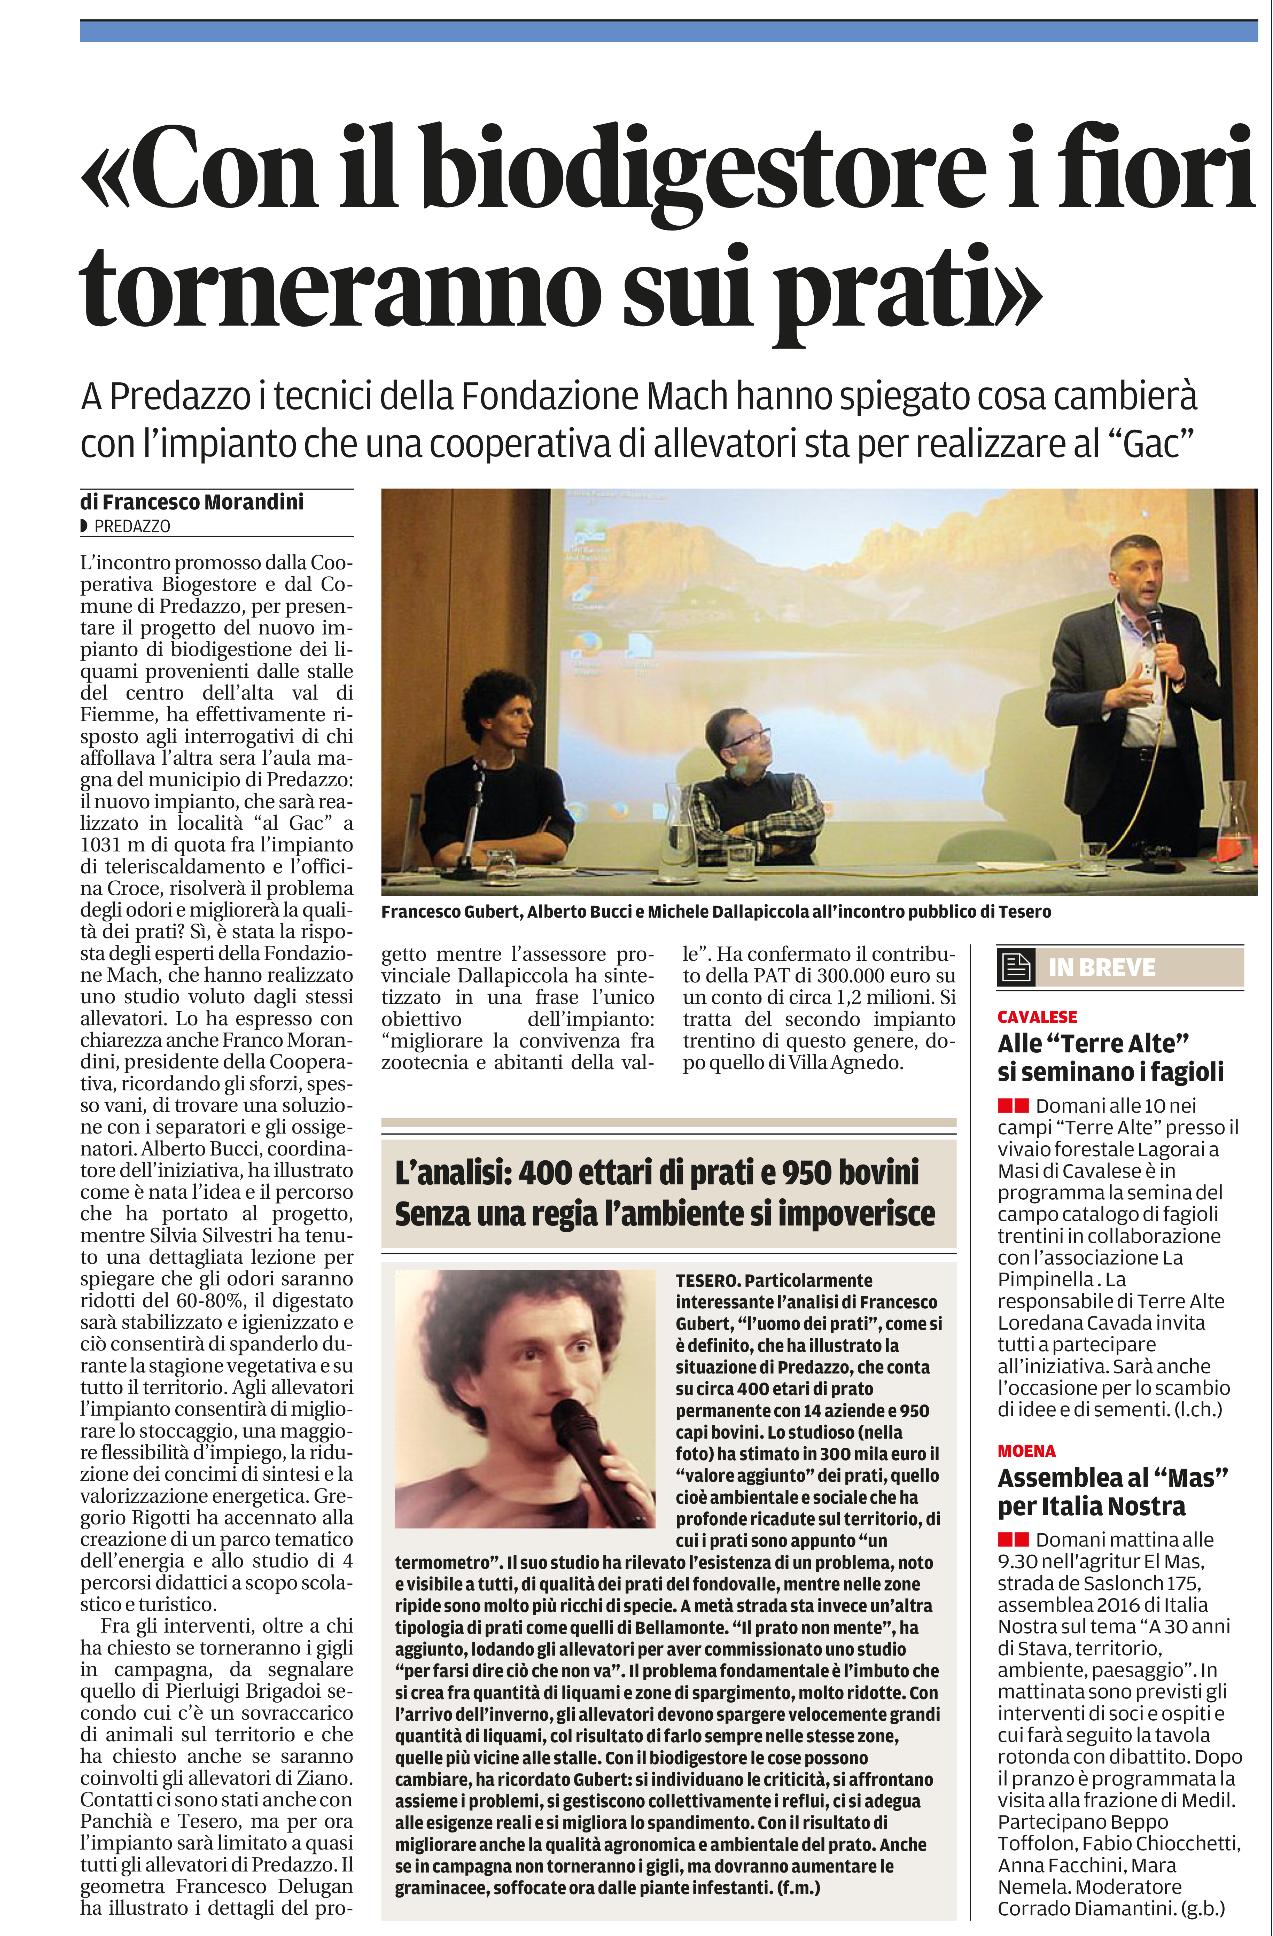 Articolo de il Trentino estratto da pagina 39 del 10 giugno 2016